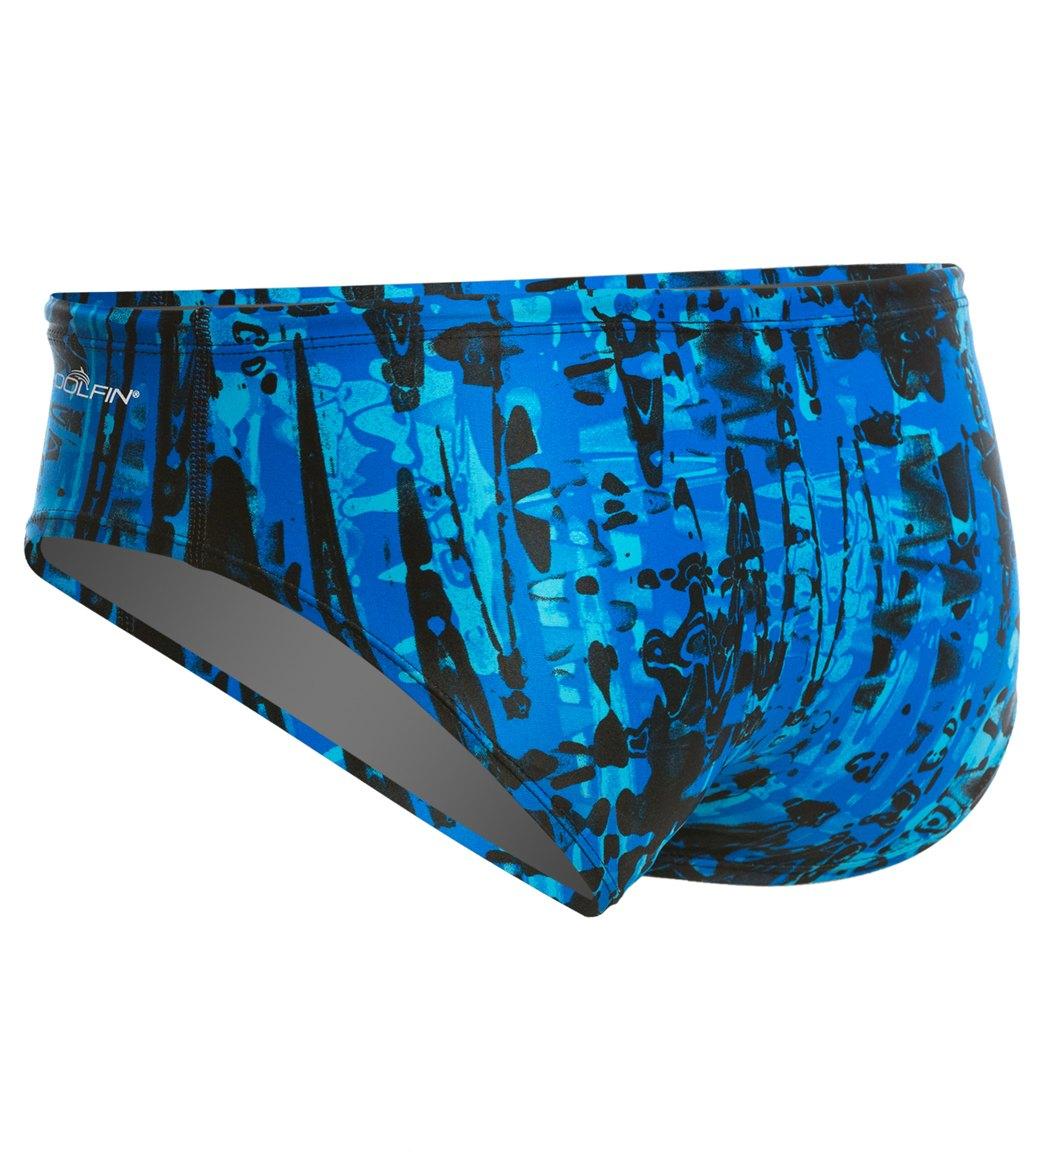 00af9d15ec Dolfin XtraSleek Eco Jolt Racer Swimsuit at SwimOutlet.com